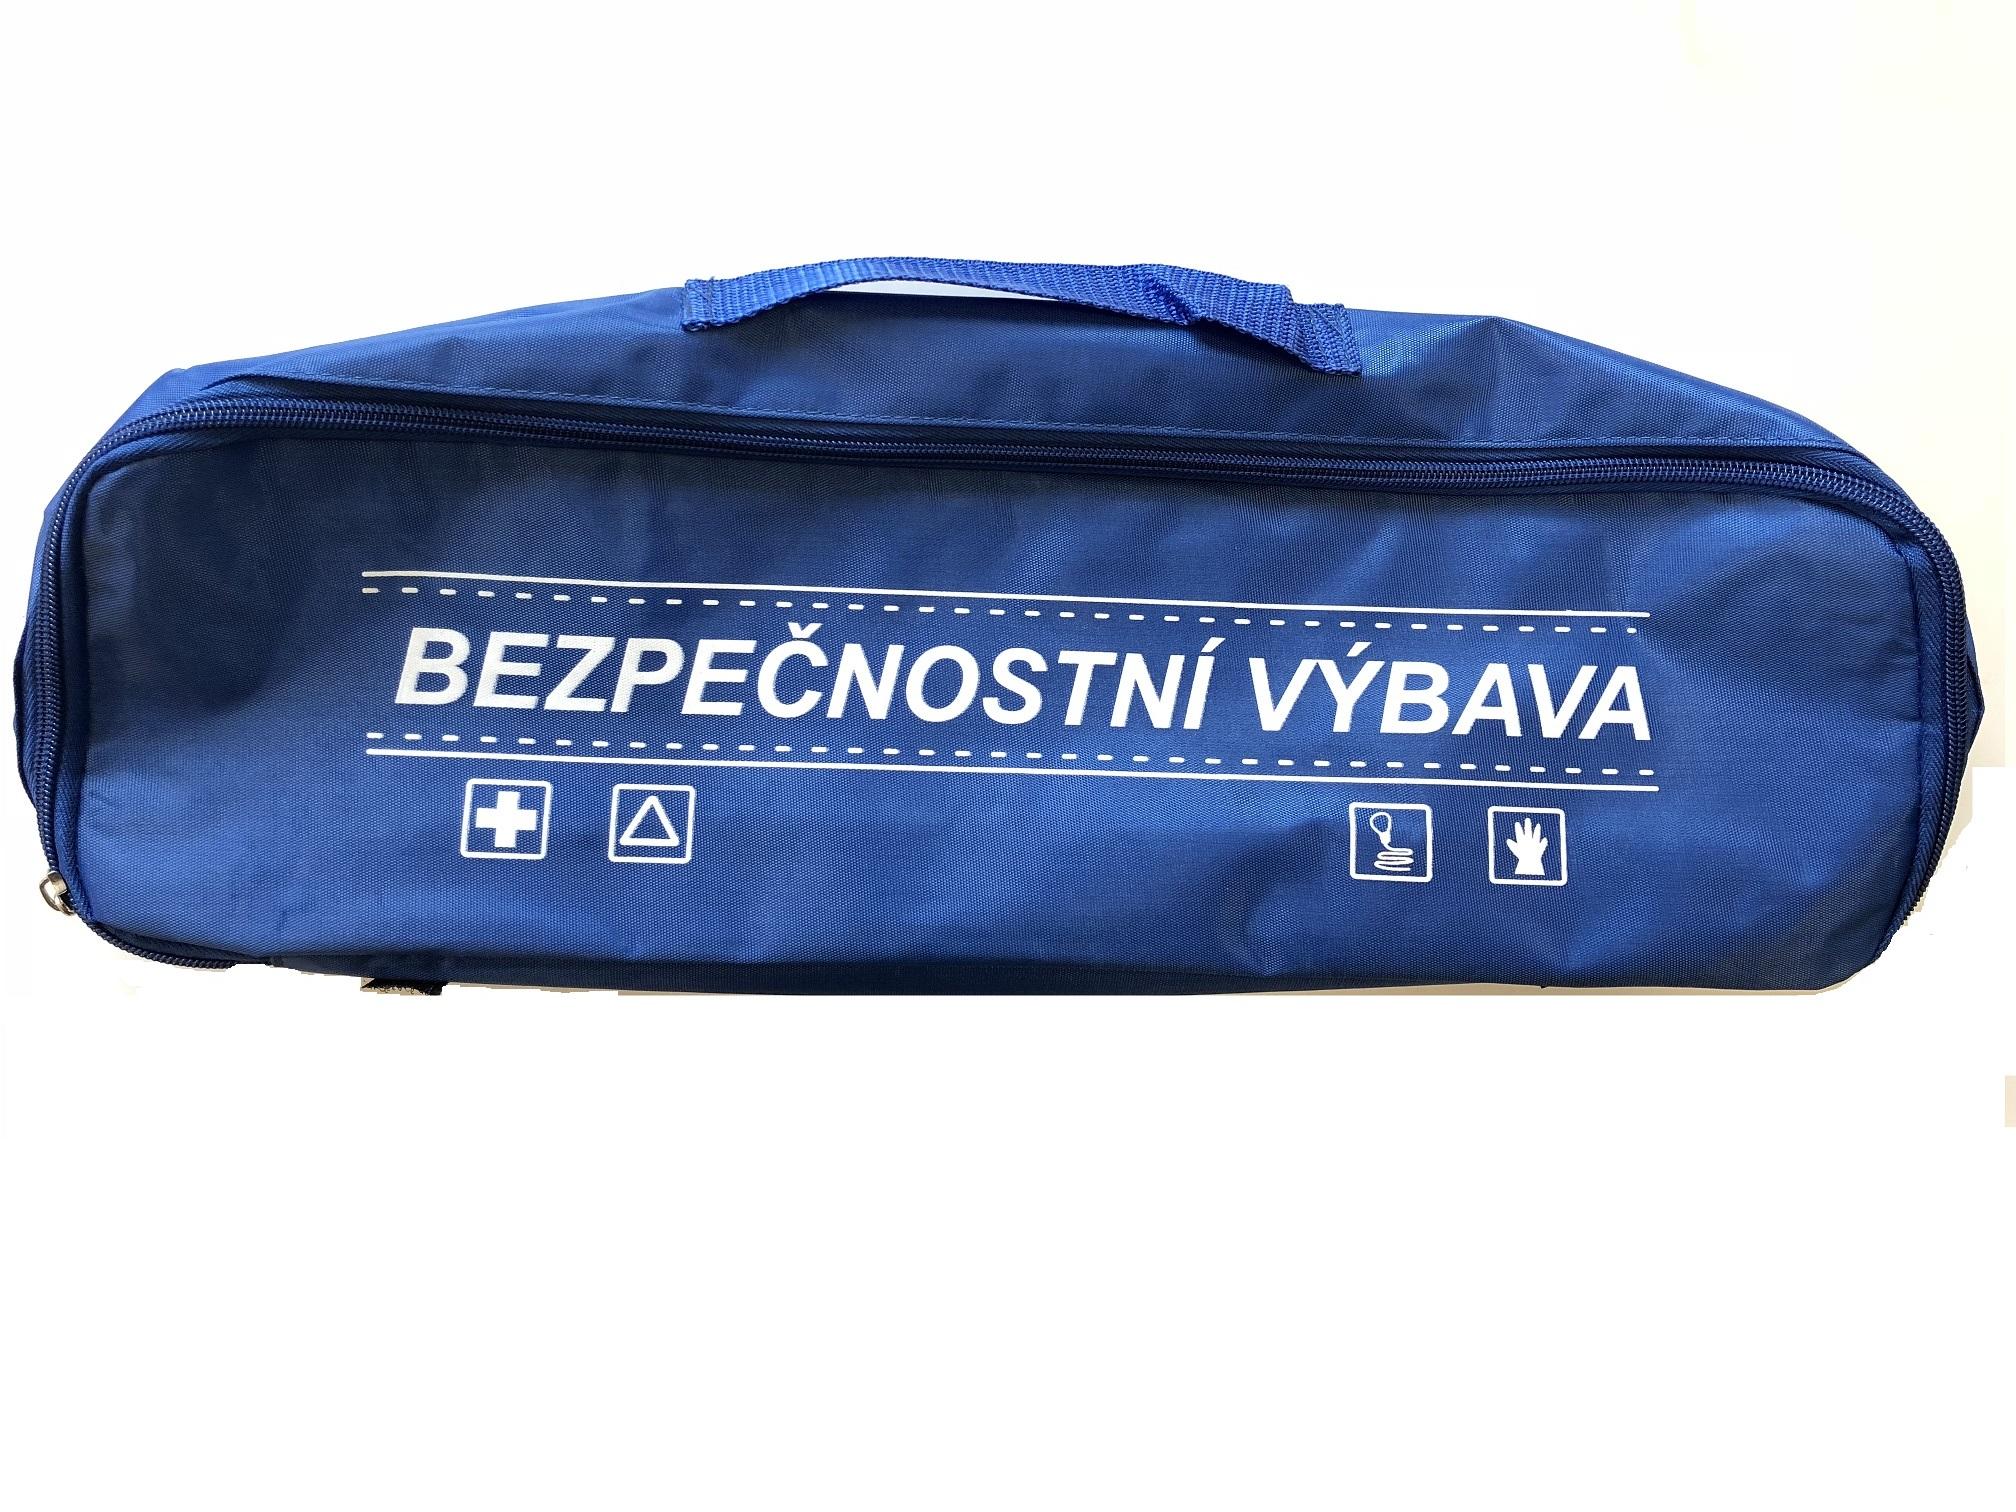 Textilní obal pro soupravu s povinnou výbavou, modrý